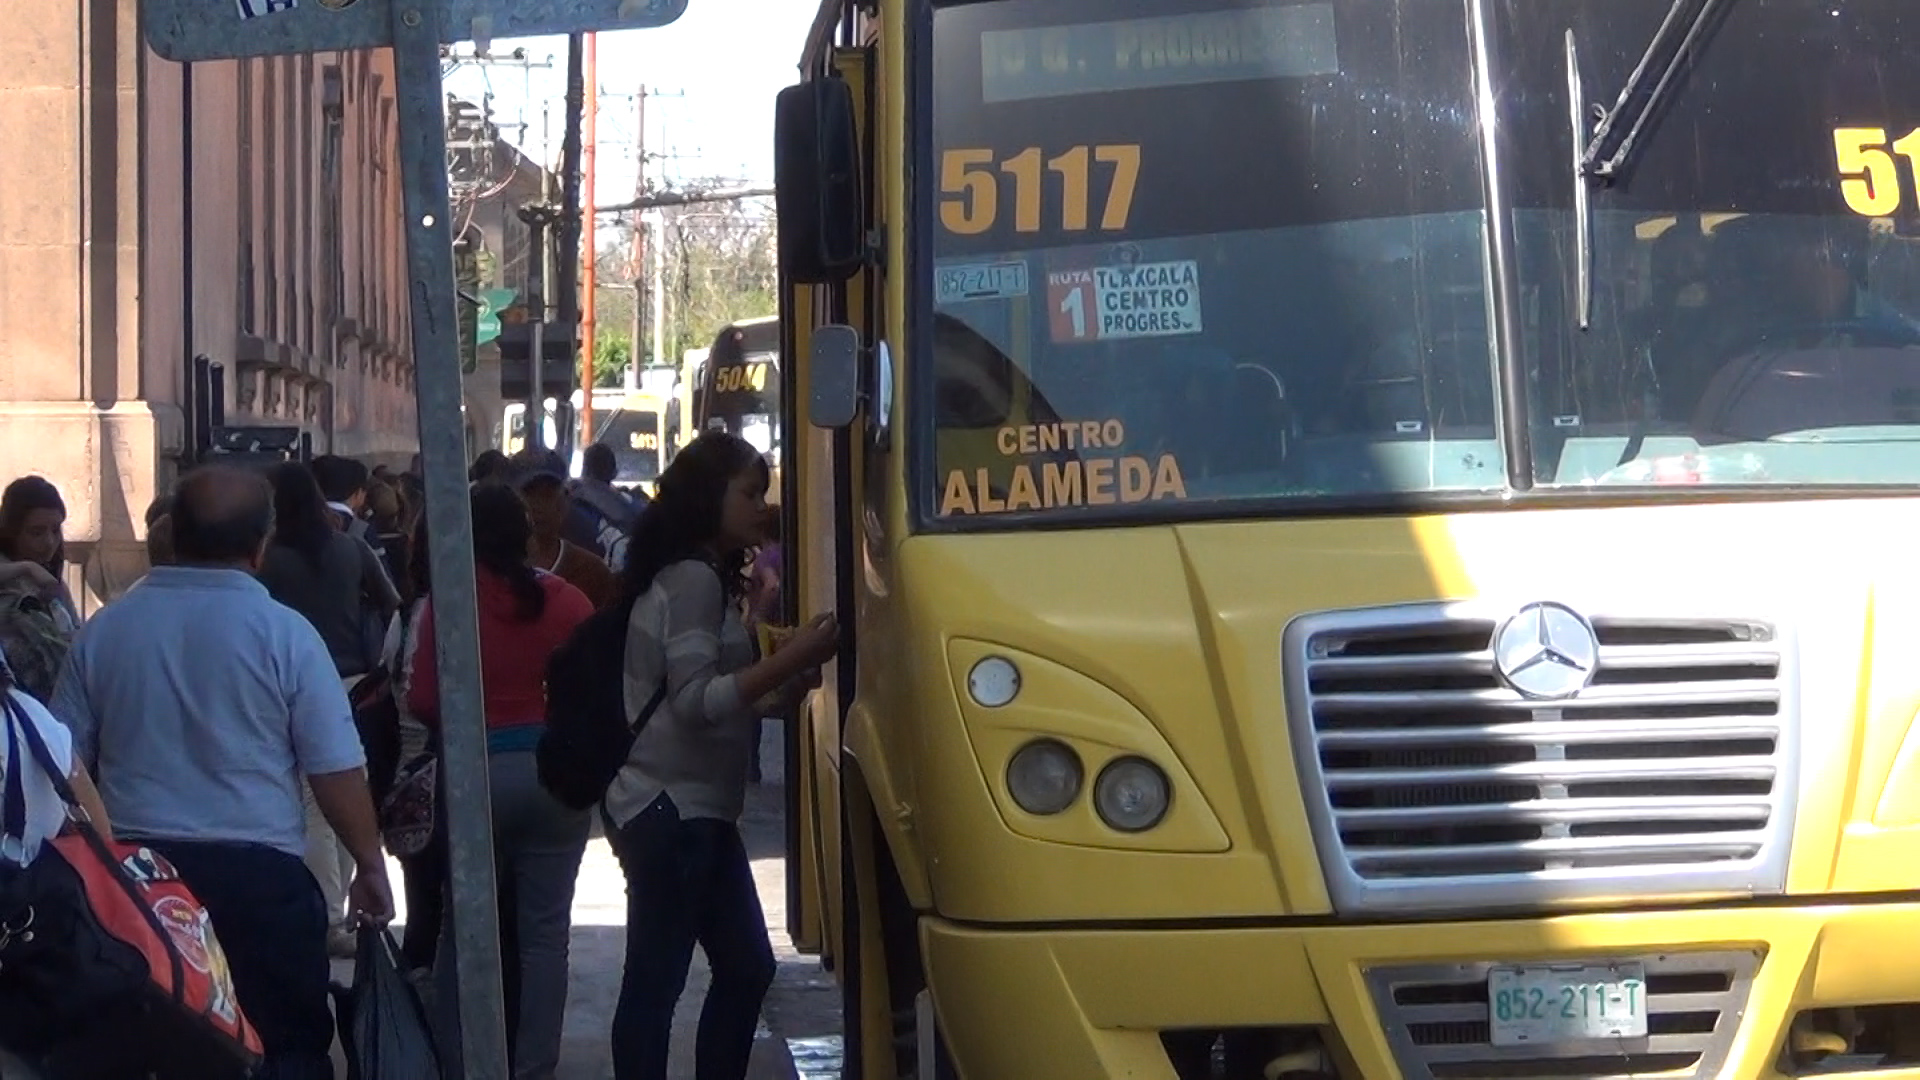 #YoTambiénSoyJuan: el testimonio de María Guadalupe sobre el transporte público potosino